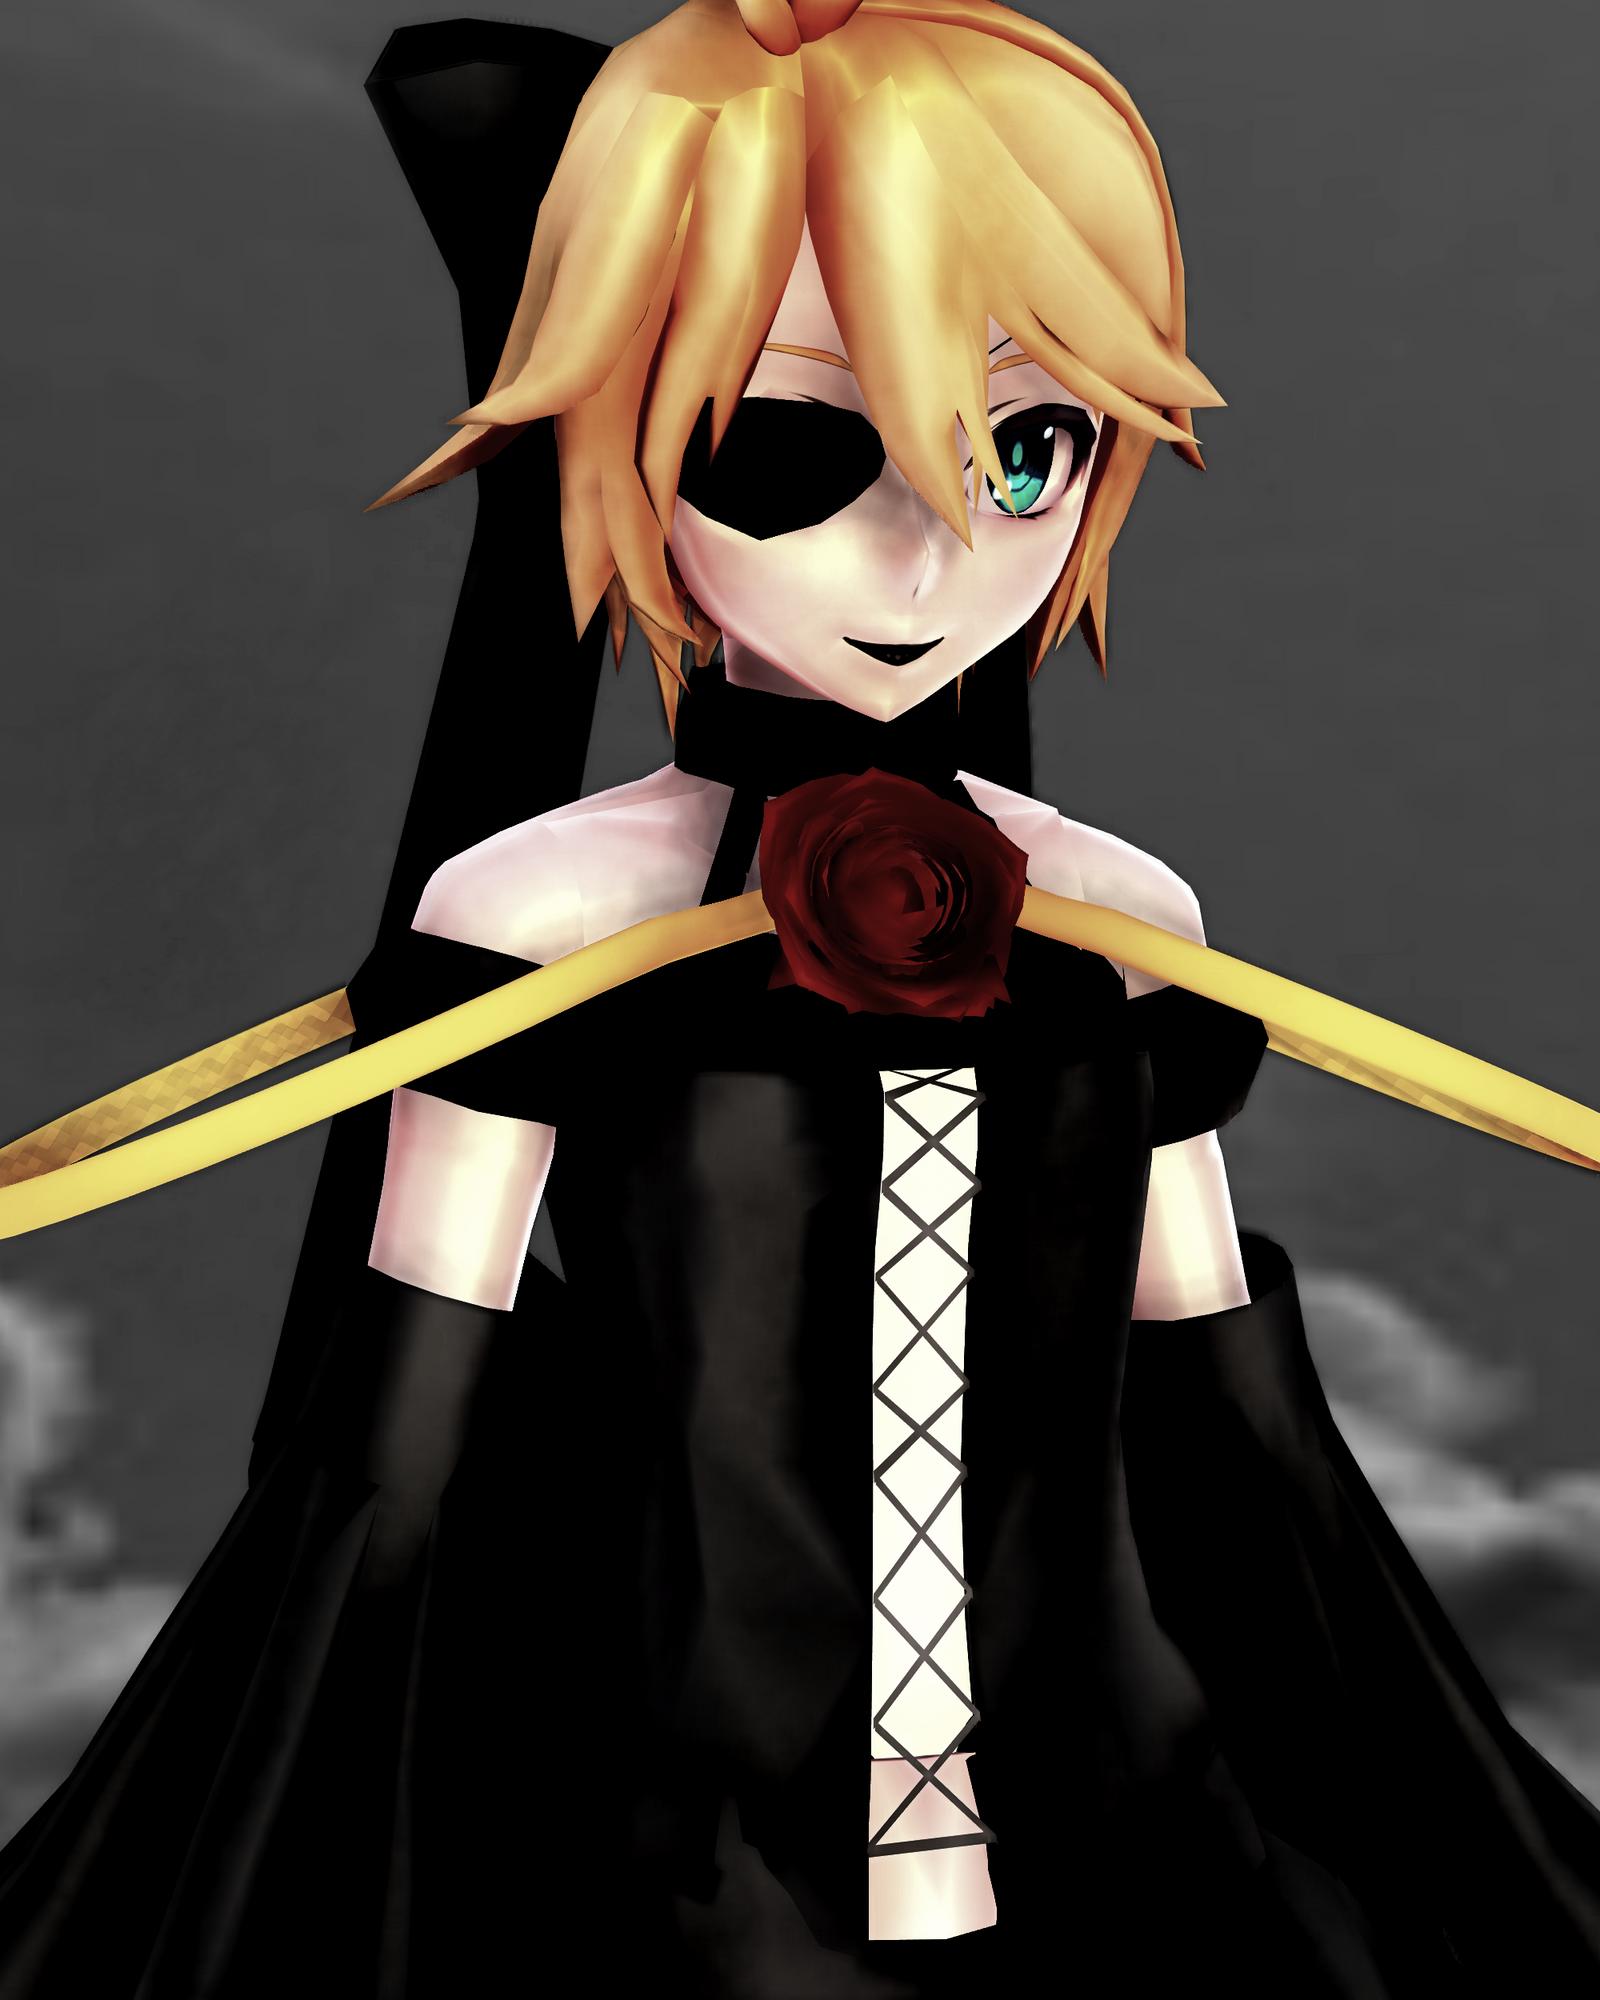 HaruLikesCarrots's Profile Picture